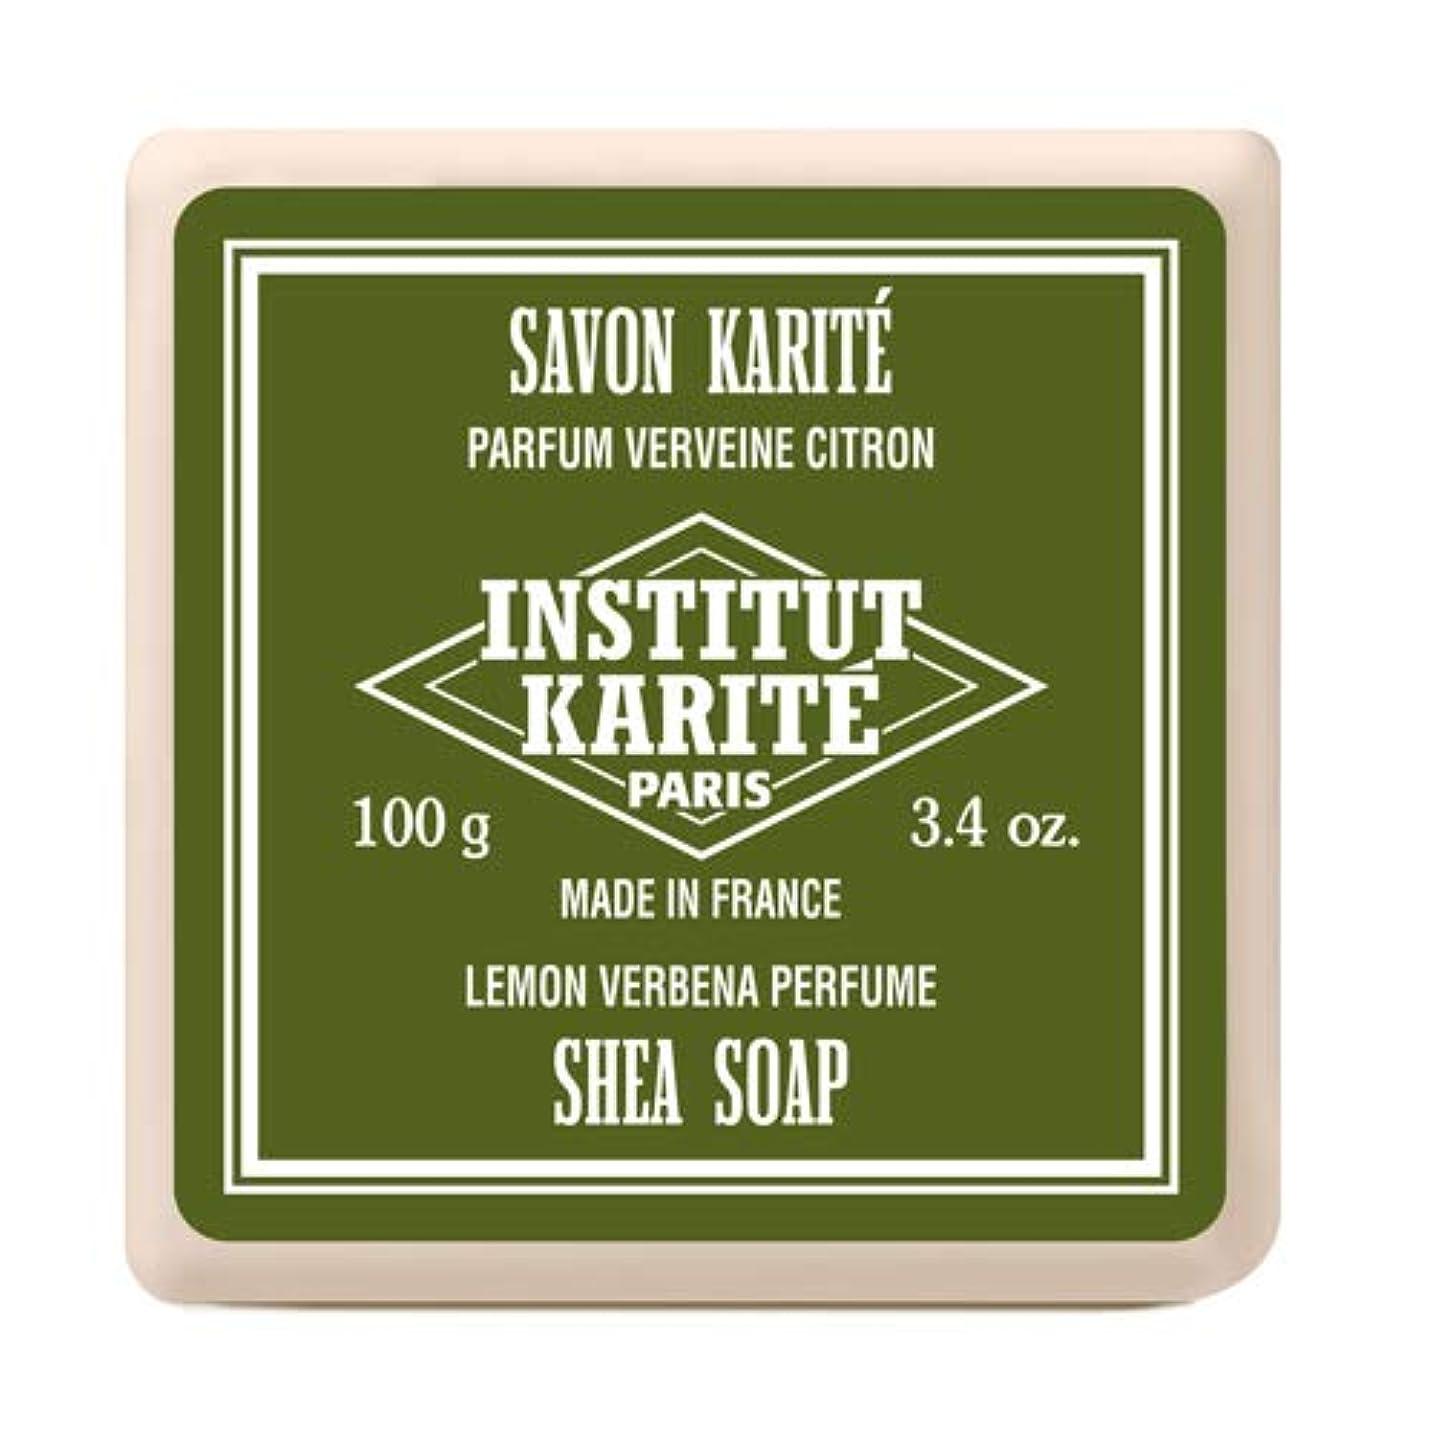 強打プロフェッショナル一INSTITUT KARITE インスティテュート カリテ Shea Wrapped Soap シアソープ 100g Lemon Vervena レモンバーベナ